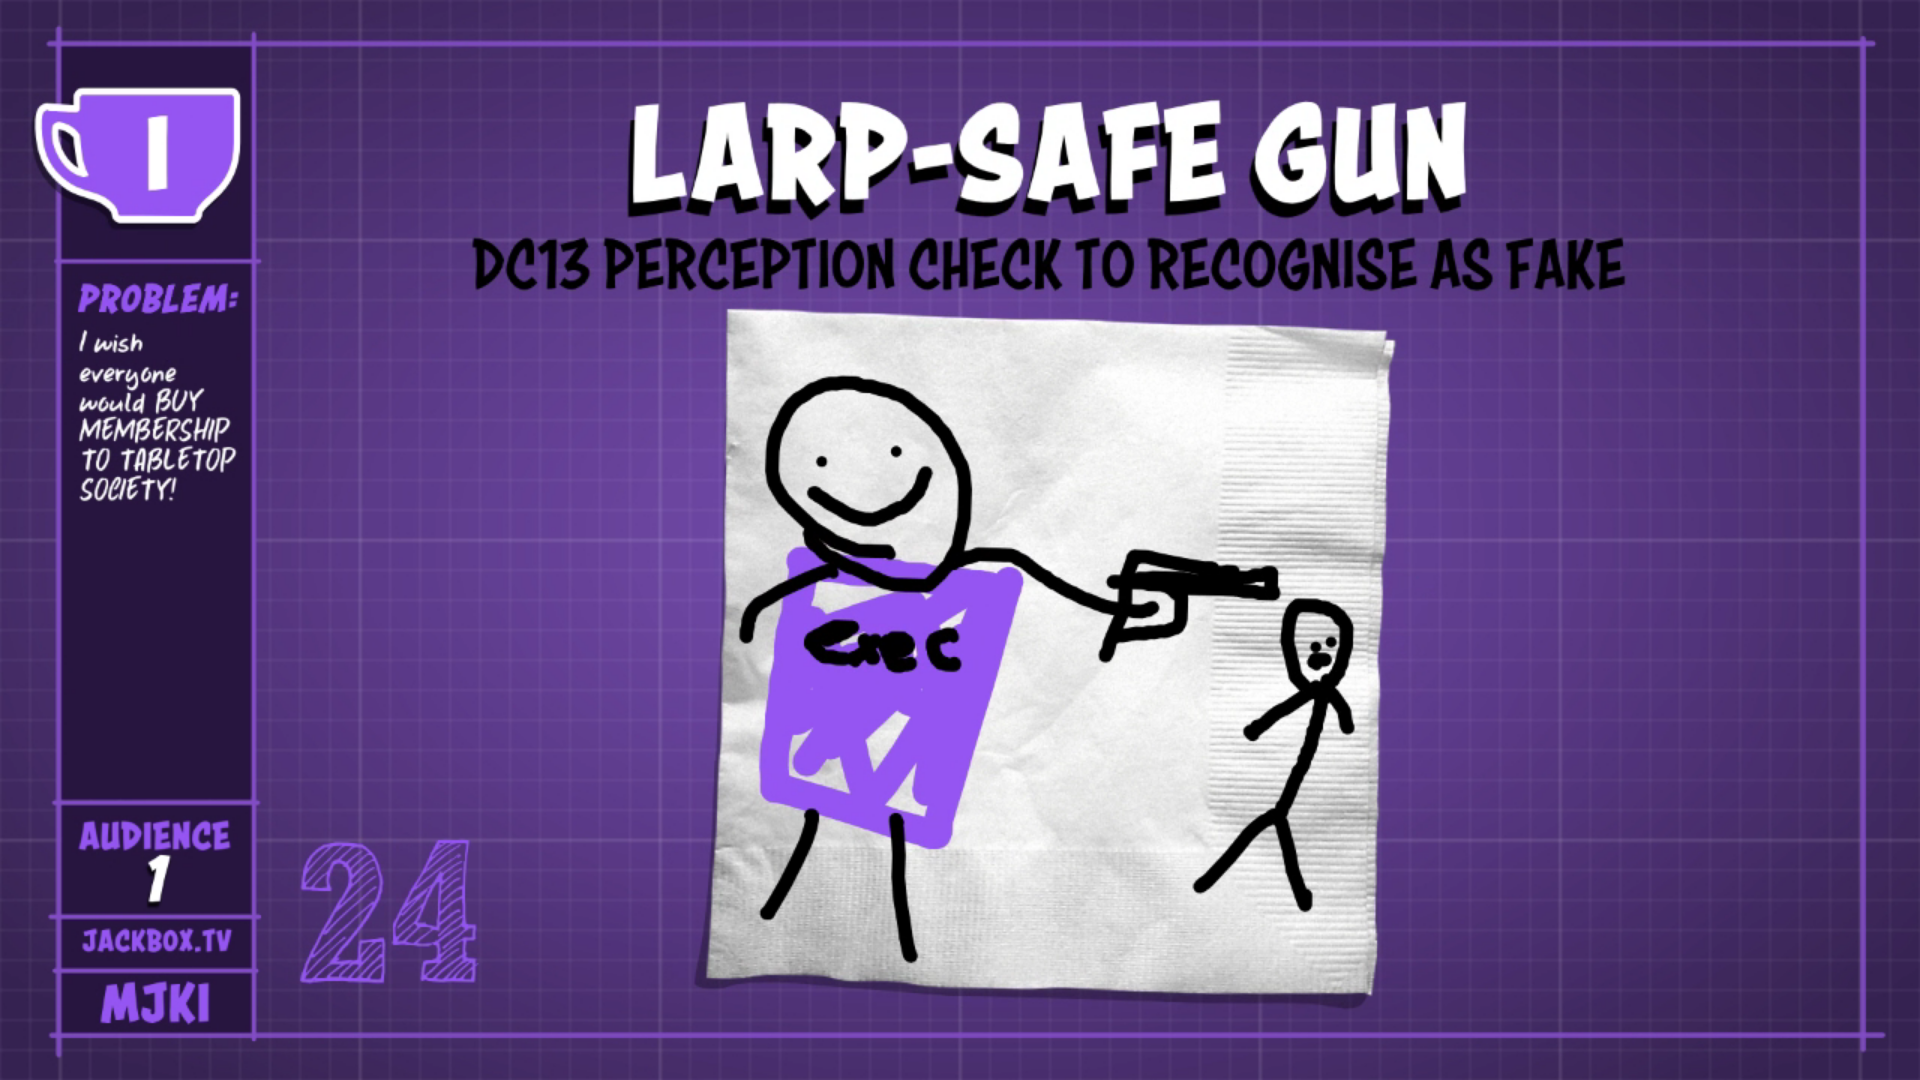 larp-safe gun